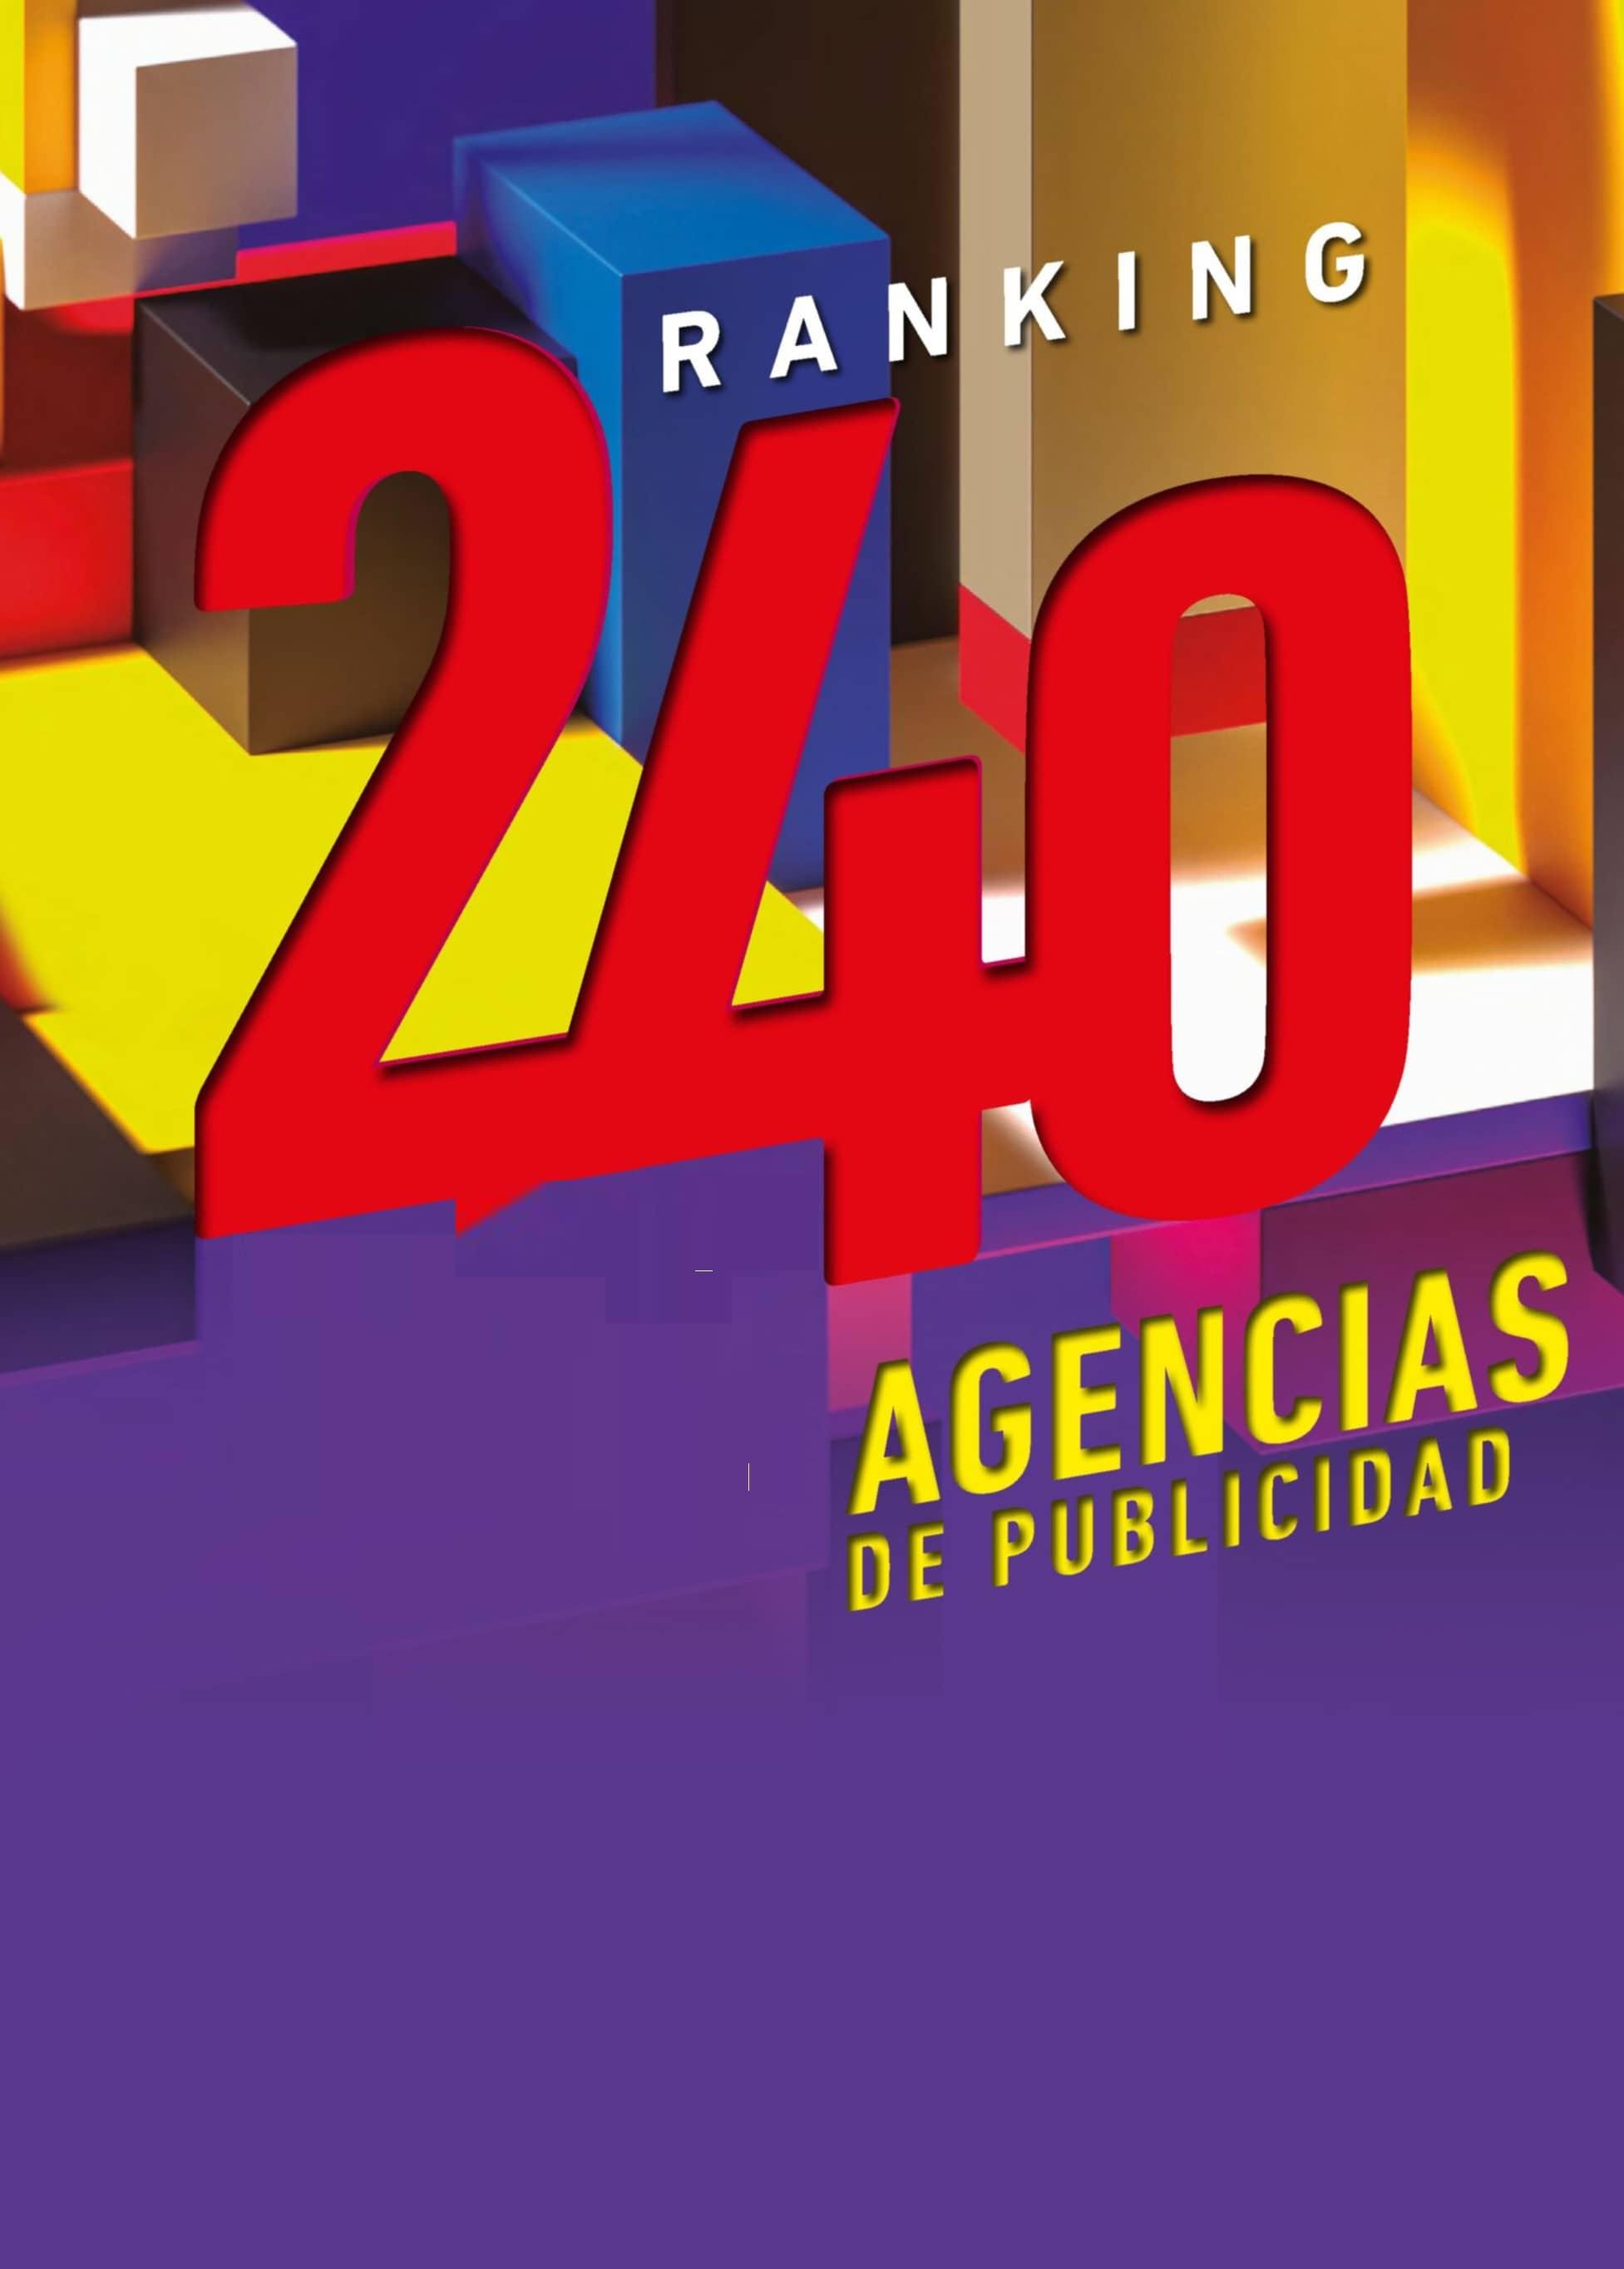 RANKING 240 AGENCIAS DE PUBLICIDAD